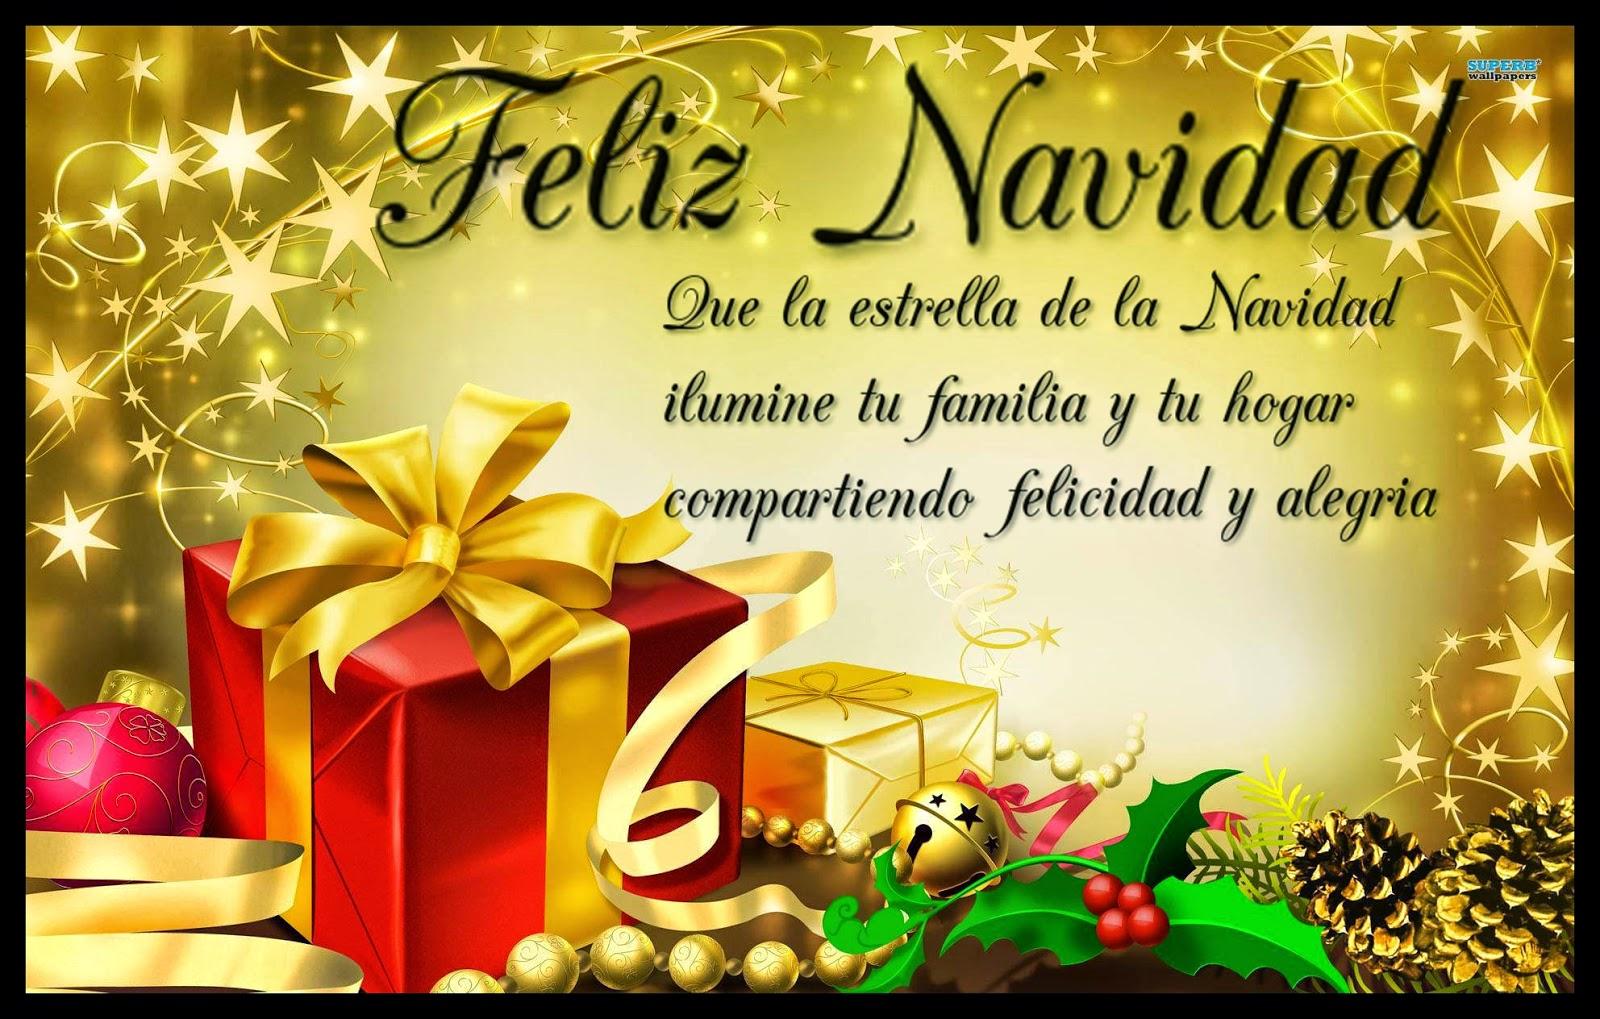 Postales de navidad tarjetas de navidad - Postales de navidad bonitas ...